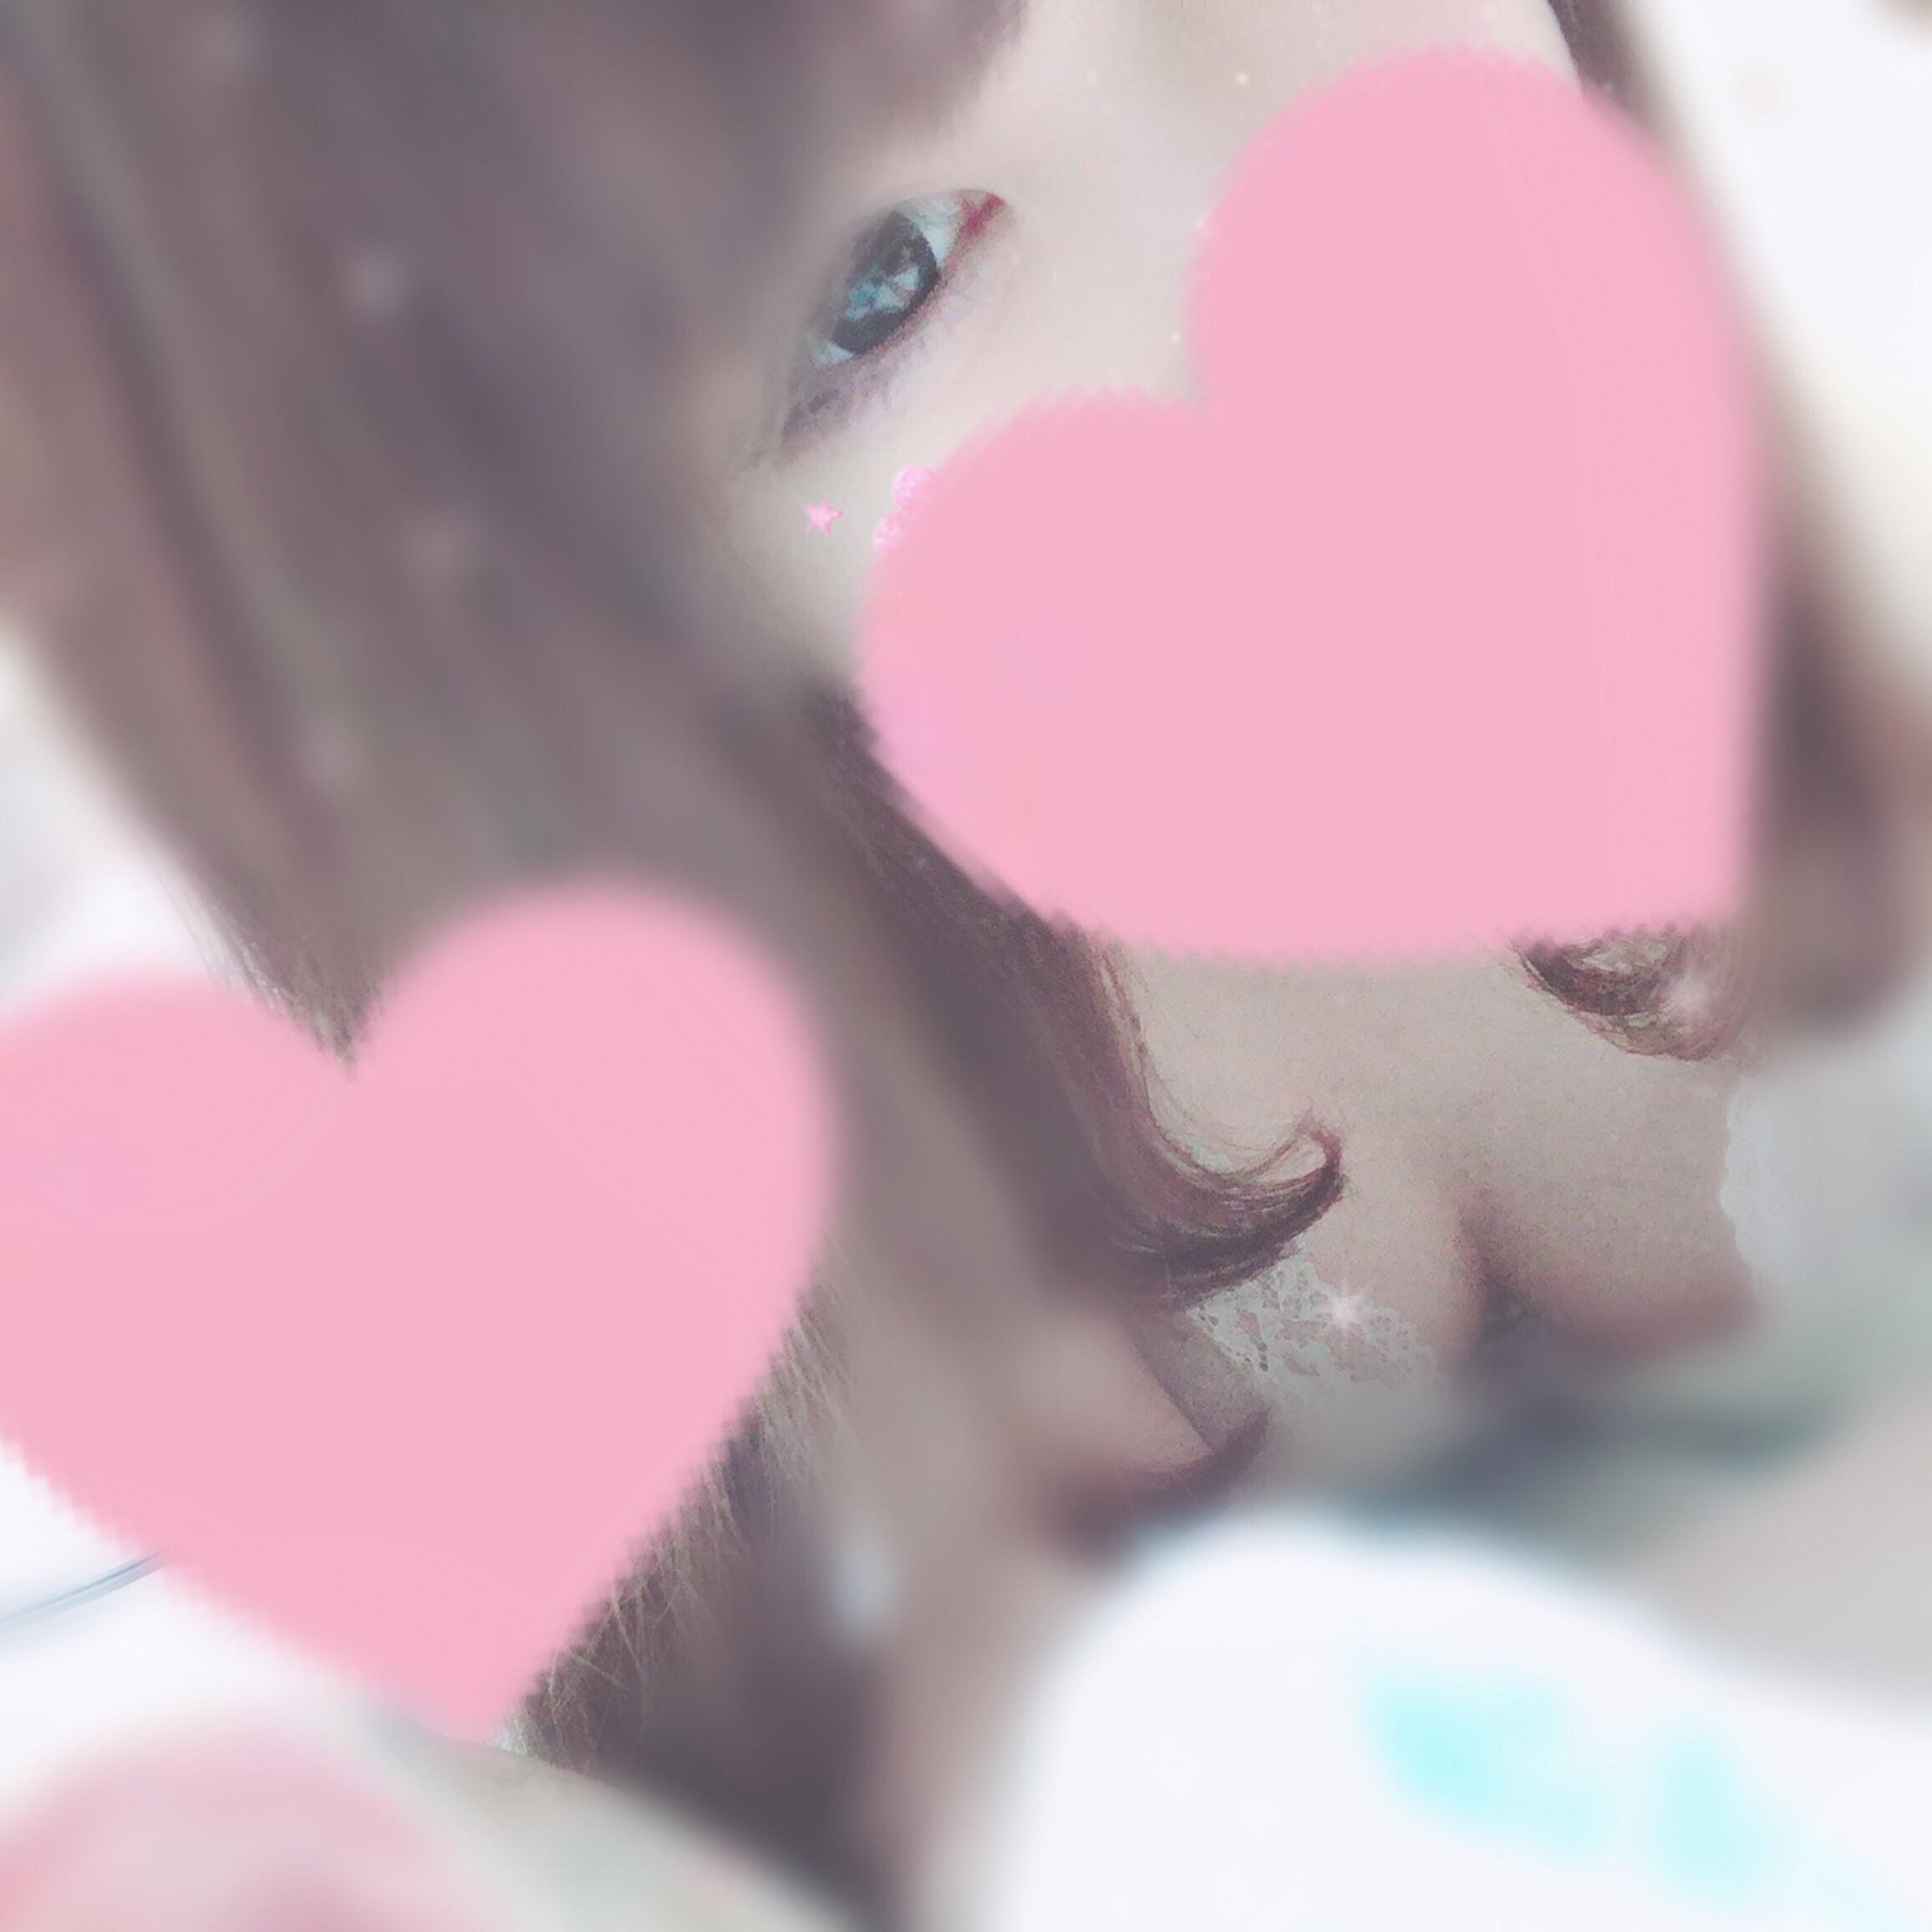 「#昨日の♪」02/23(02/23) 11:05 | ゆうりの写メ・風俗動画